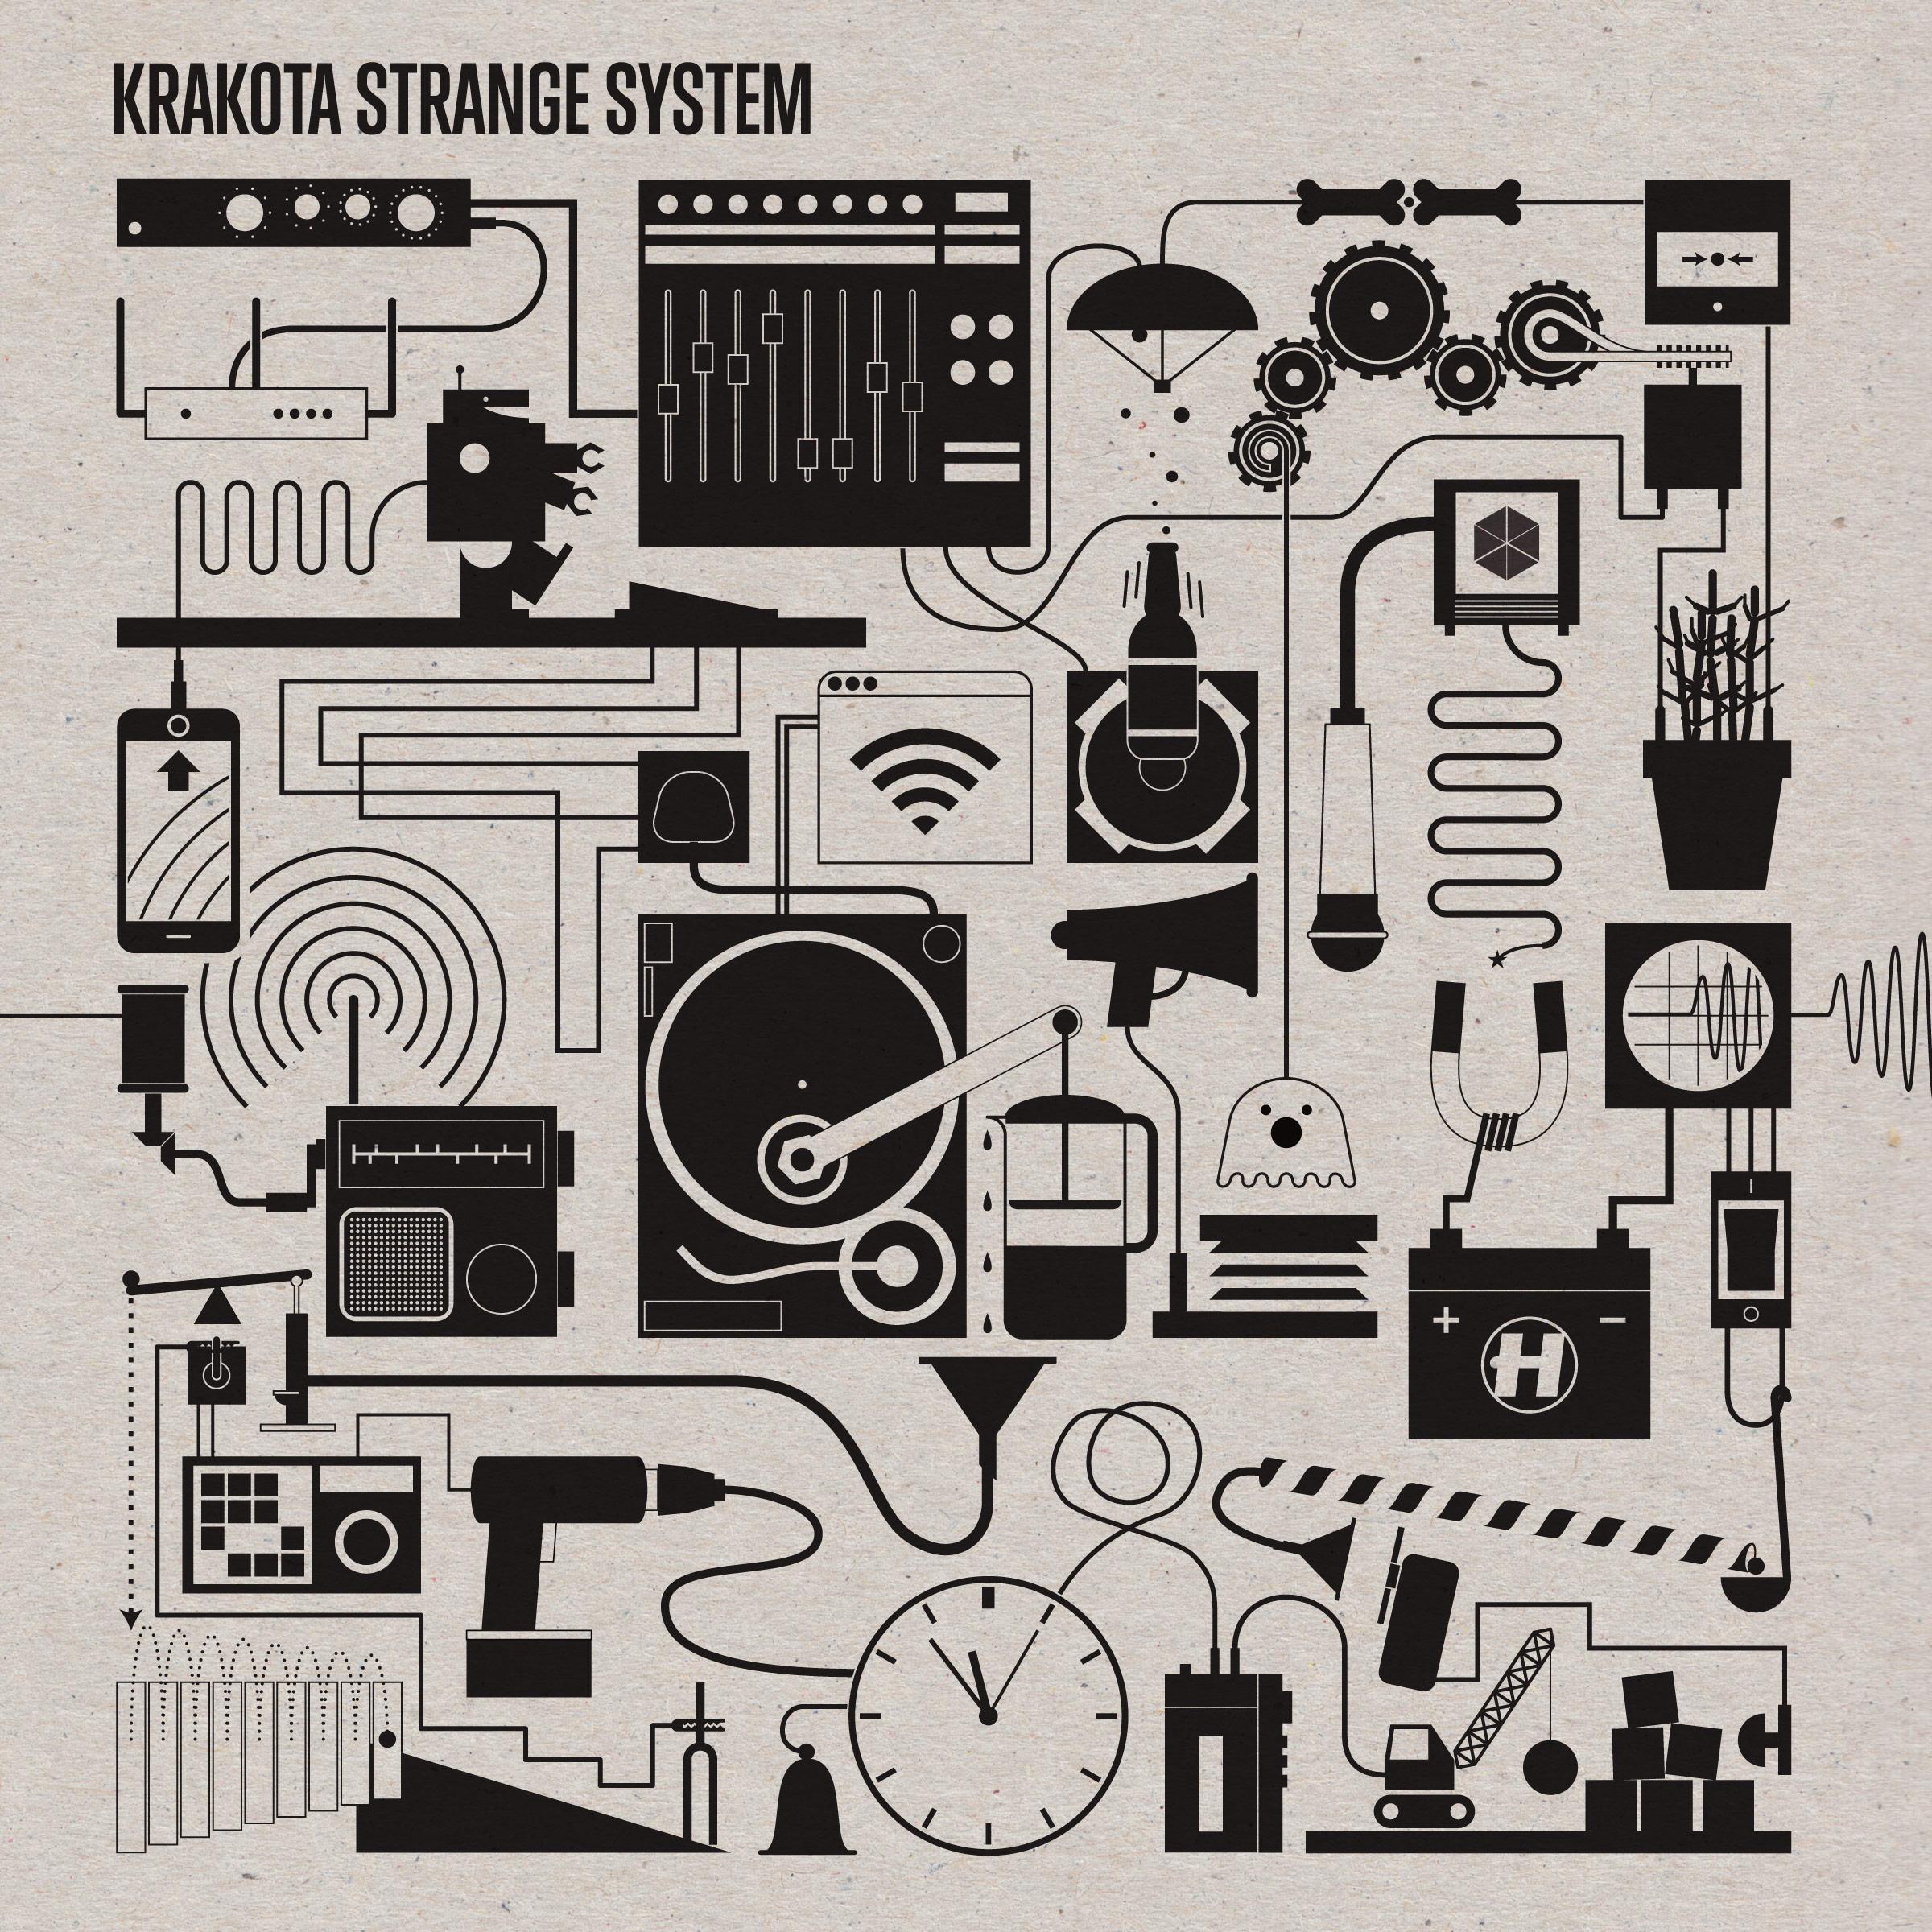 Krakota's Strange System